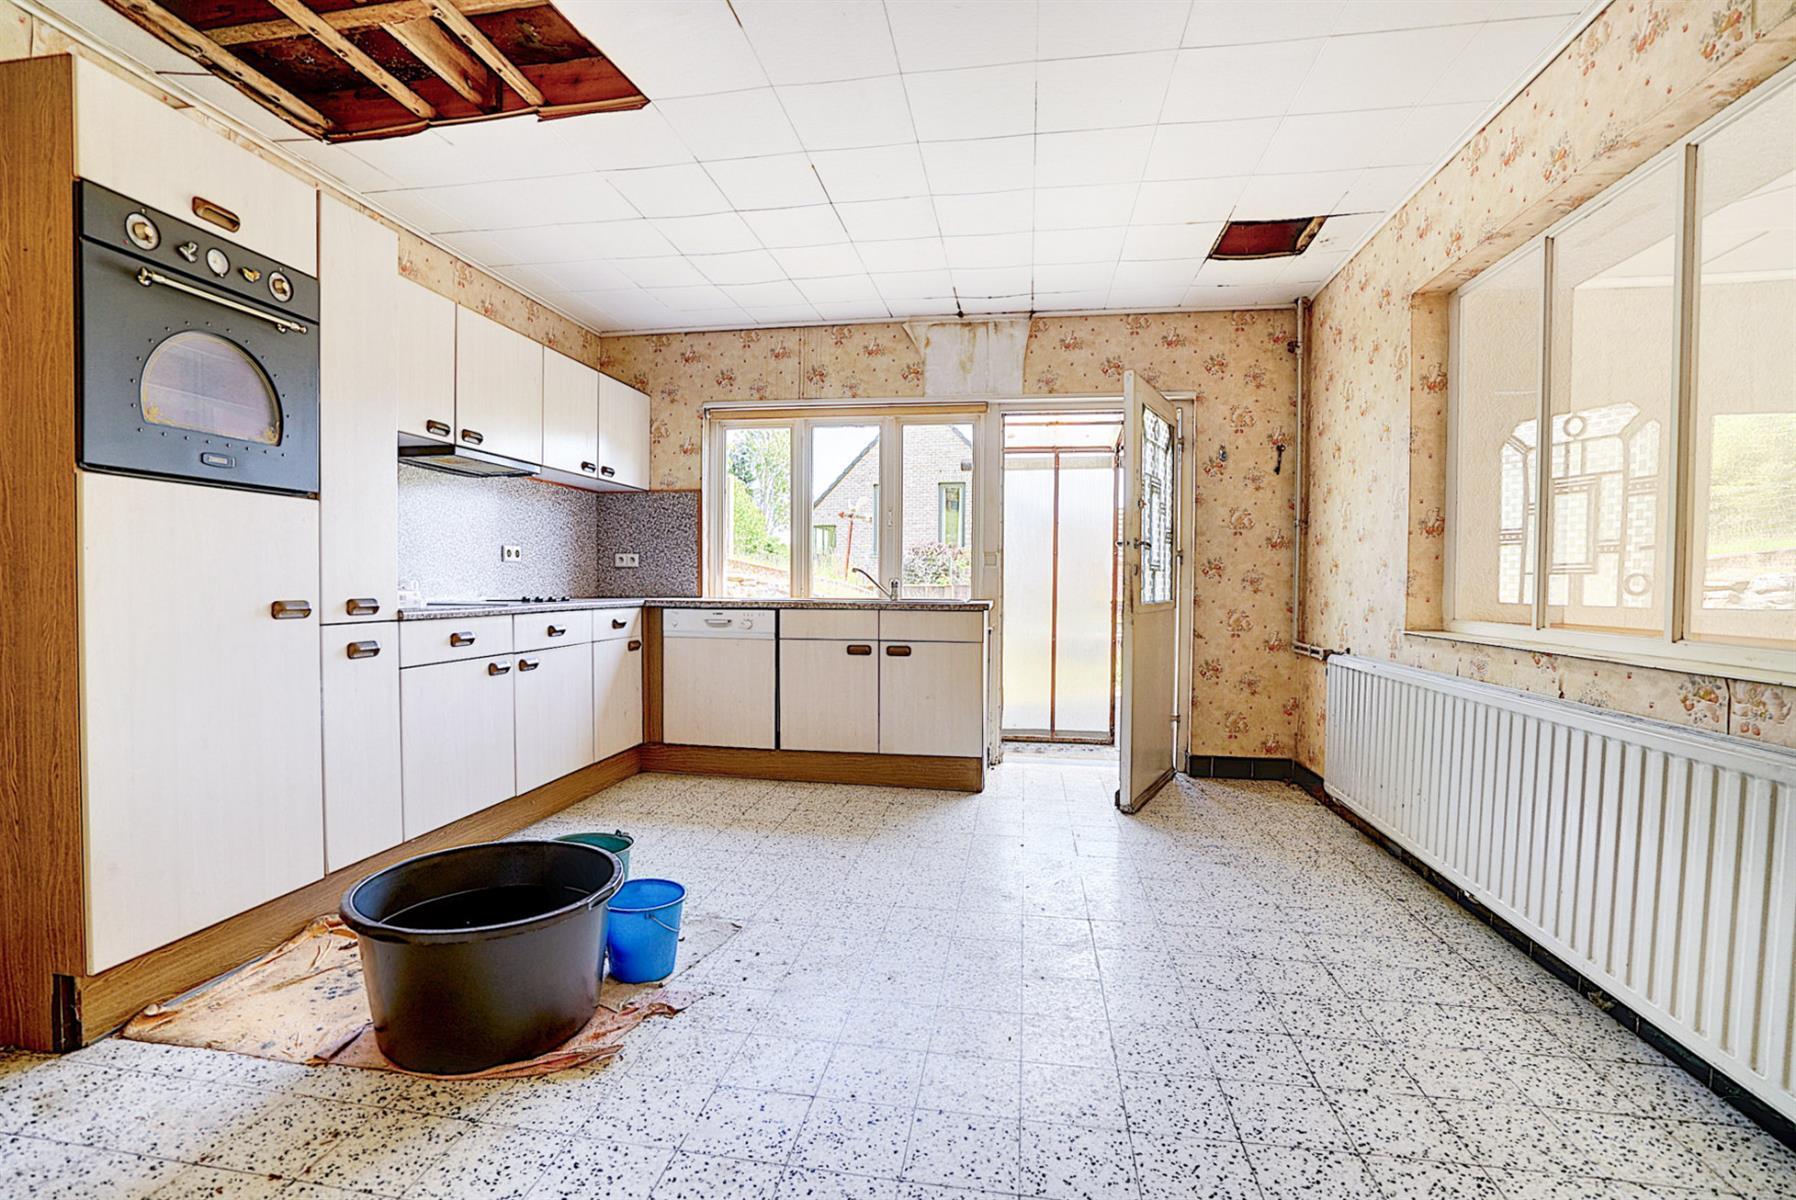 Maison - Chaumont-Gistoux - #3849419-4